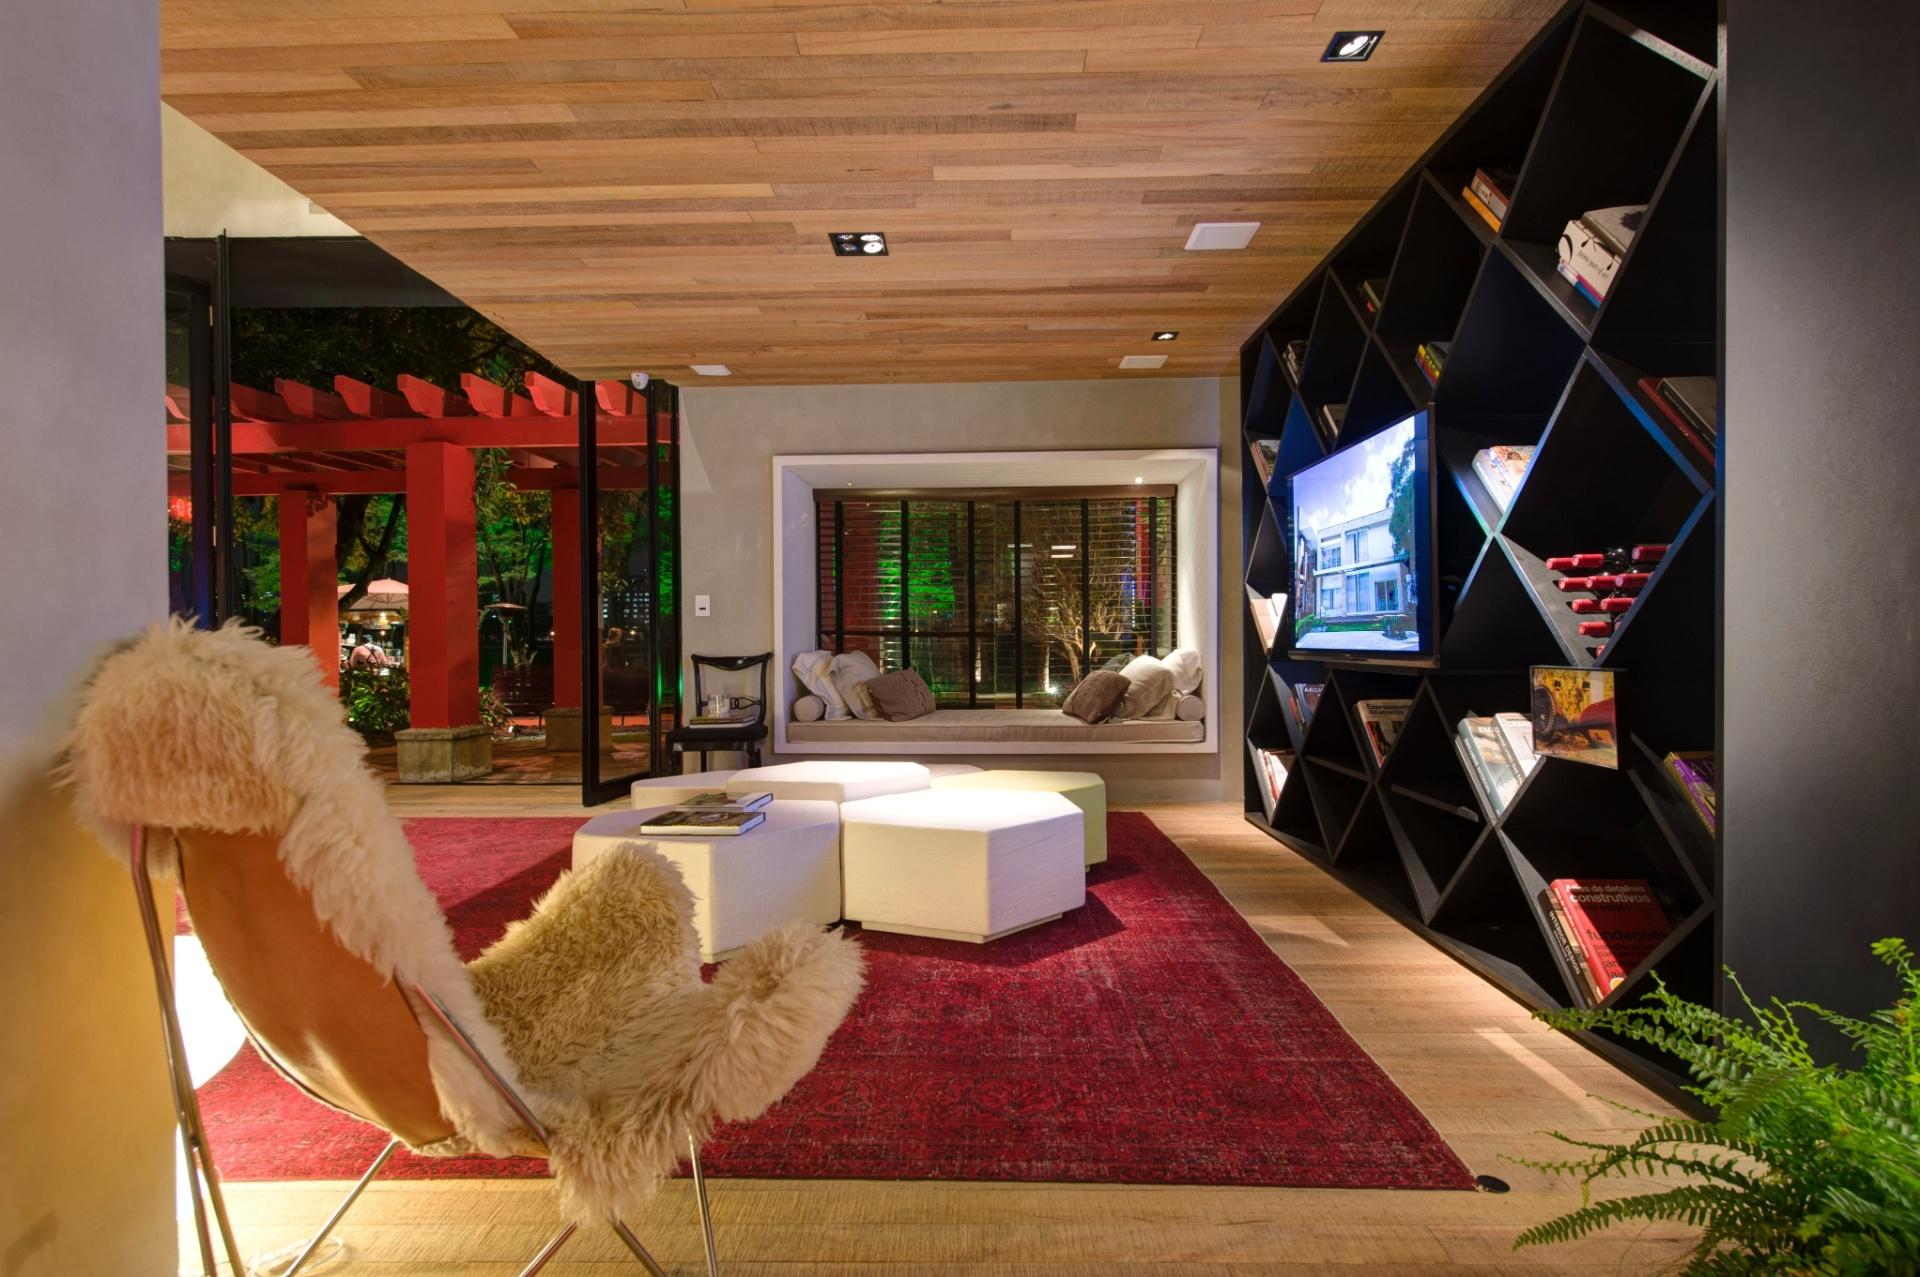 Quem assina a Casa Weekend é a dupla Olegário de Sá e Gilberto Cioni. No ambiente de estar, com TV, os profissionais reservaram um cantinho para leitura e relaxamento (no fundo), próximo à fachada. A 27ª Casa Cor SP segue até dia 21 de julho de 2013, no Jockey Club de São Paulo